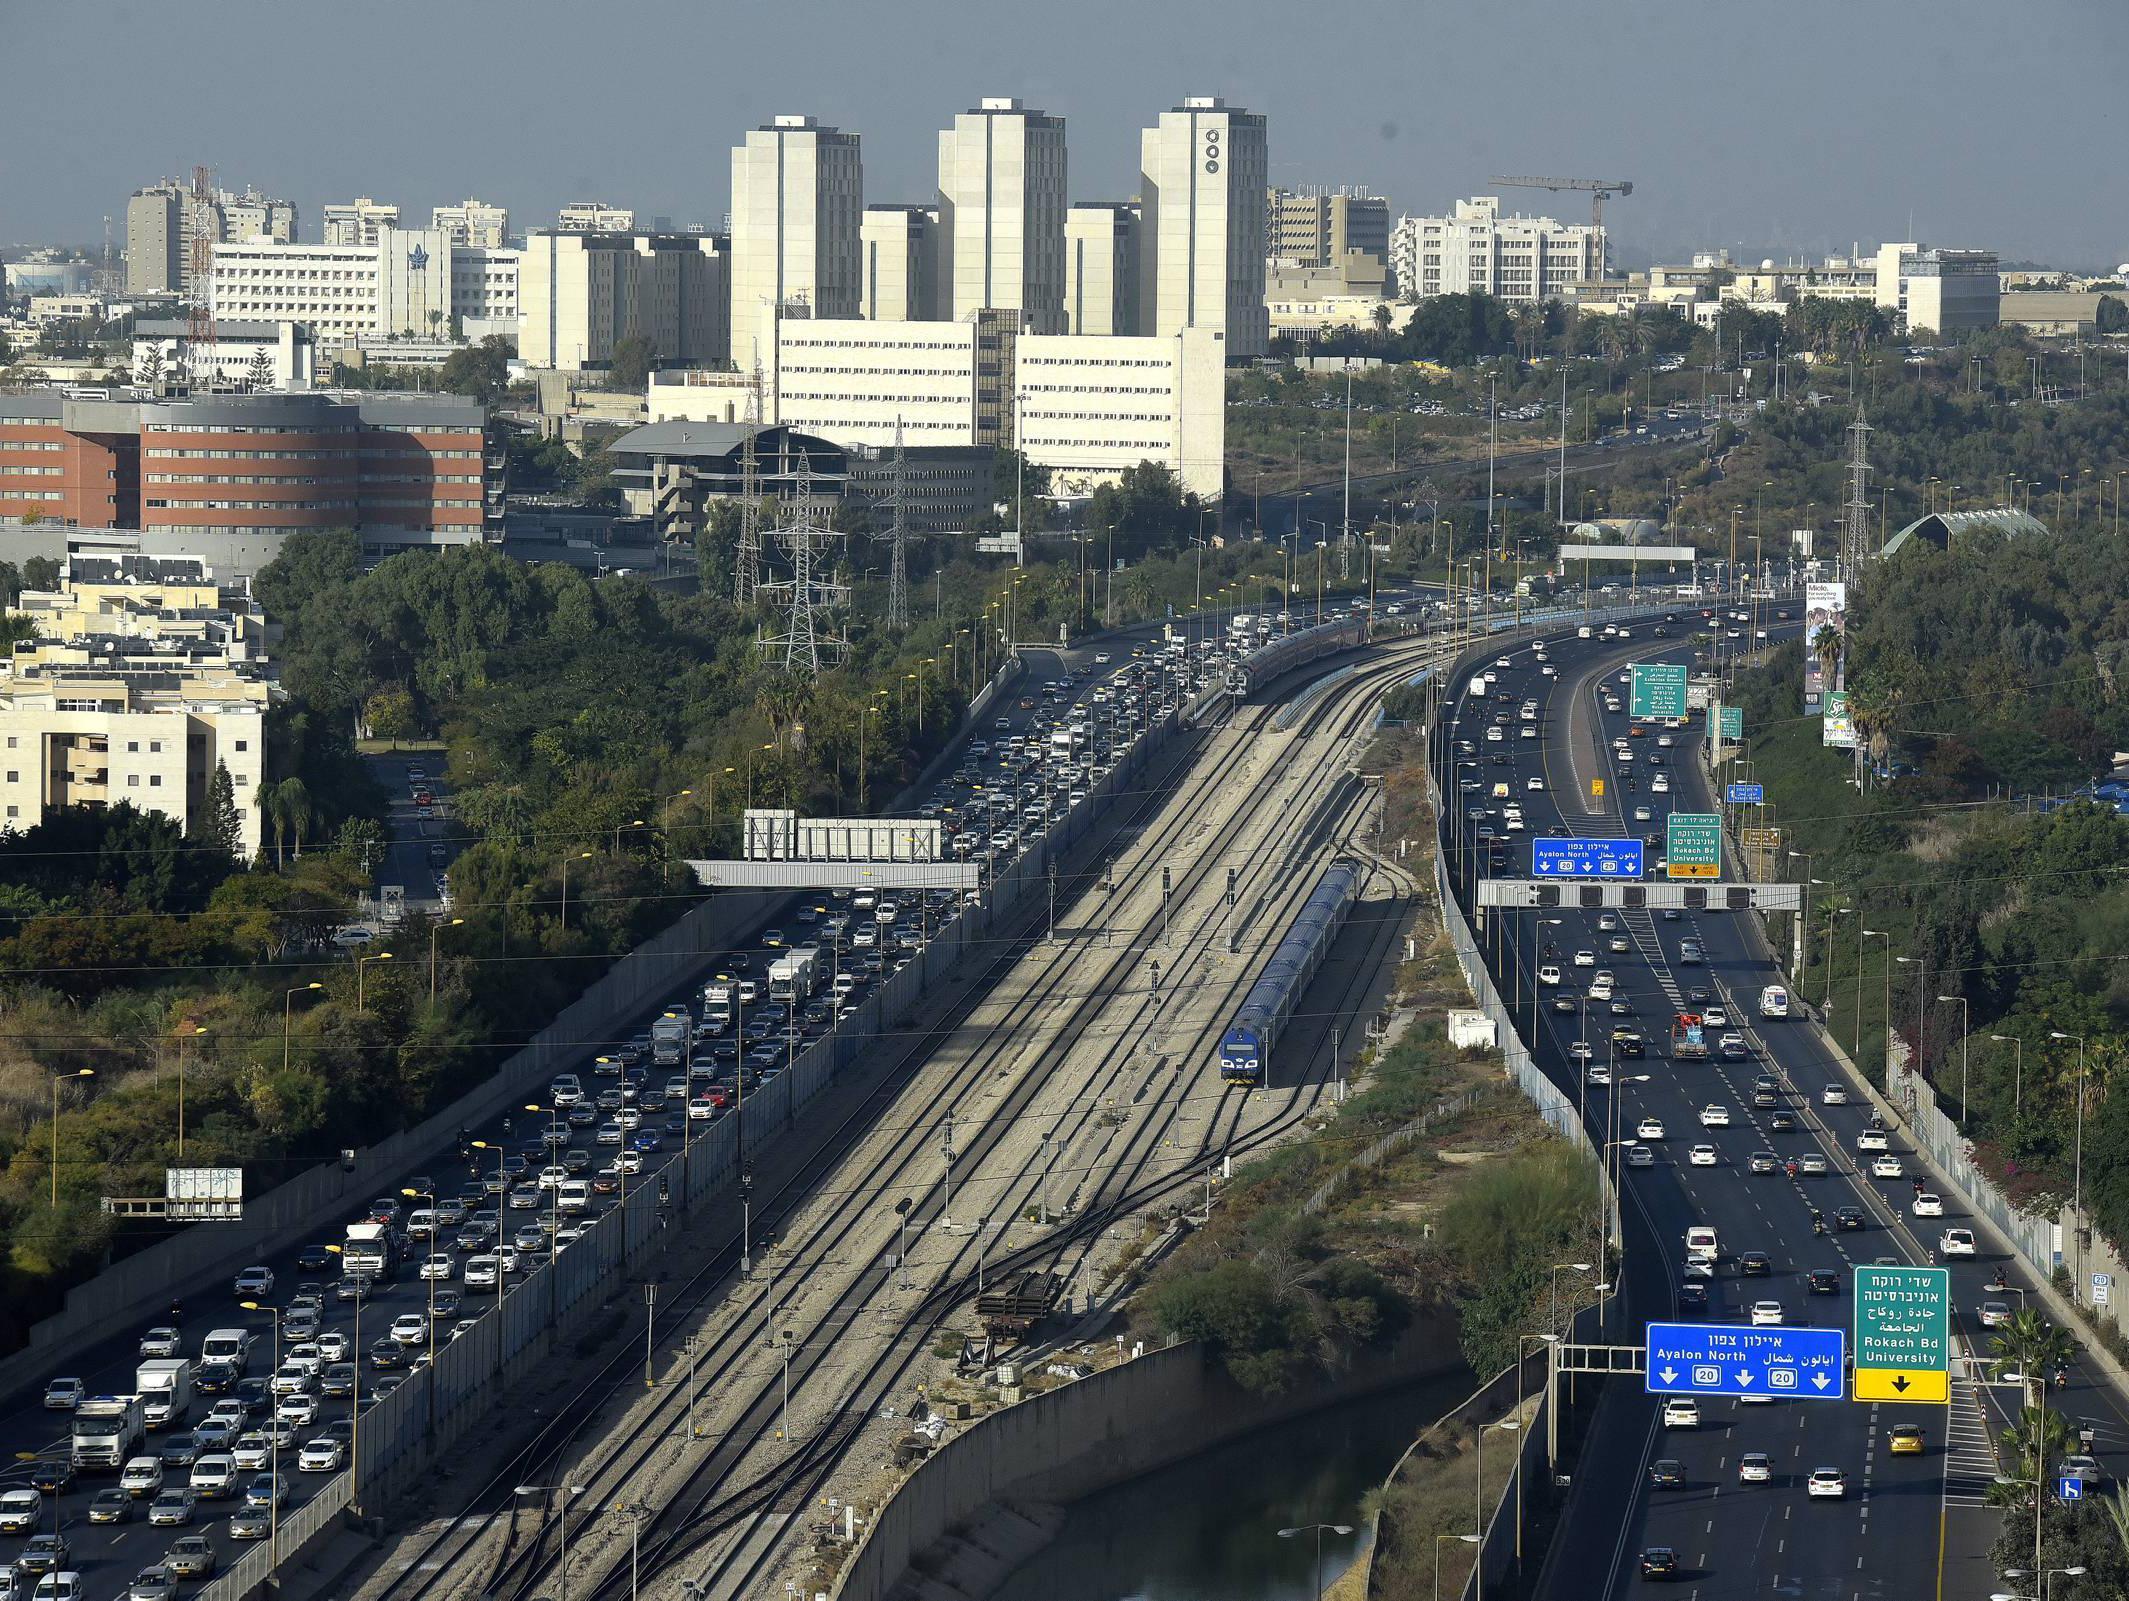 יוריד עומס בכבישים? מאה אלף נהגים ישתתפו בניסוי לעידוד נסיעה שיתופית